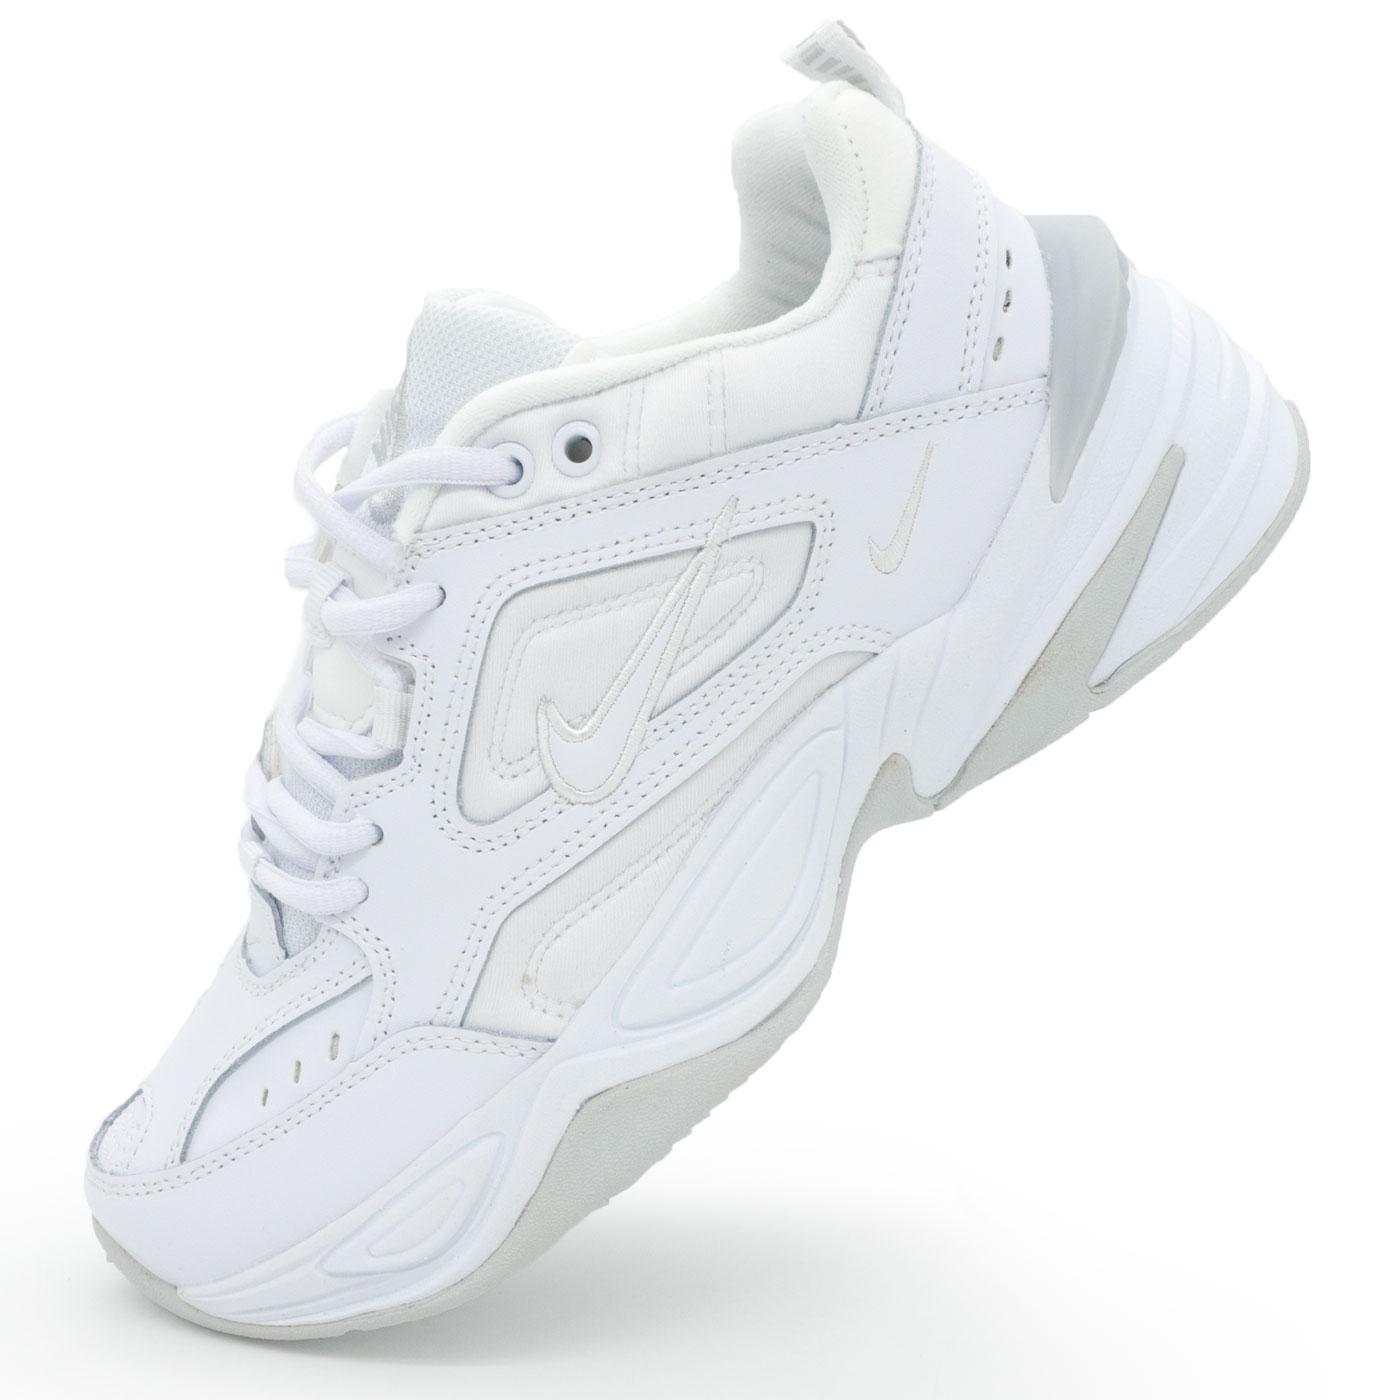 3d74d0f4 Кроссовки Nike M2K Tekno полностью белые, купить Найк M2K Текно в ...